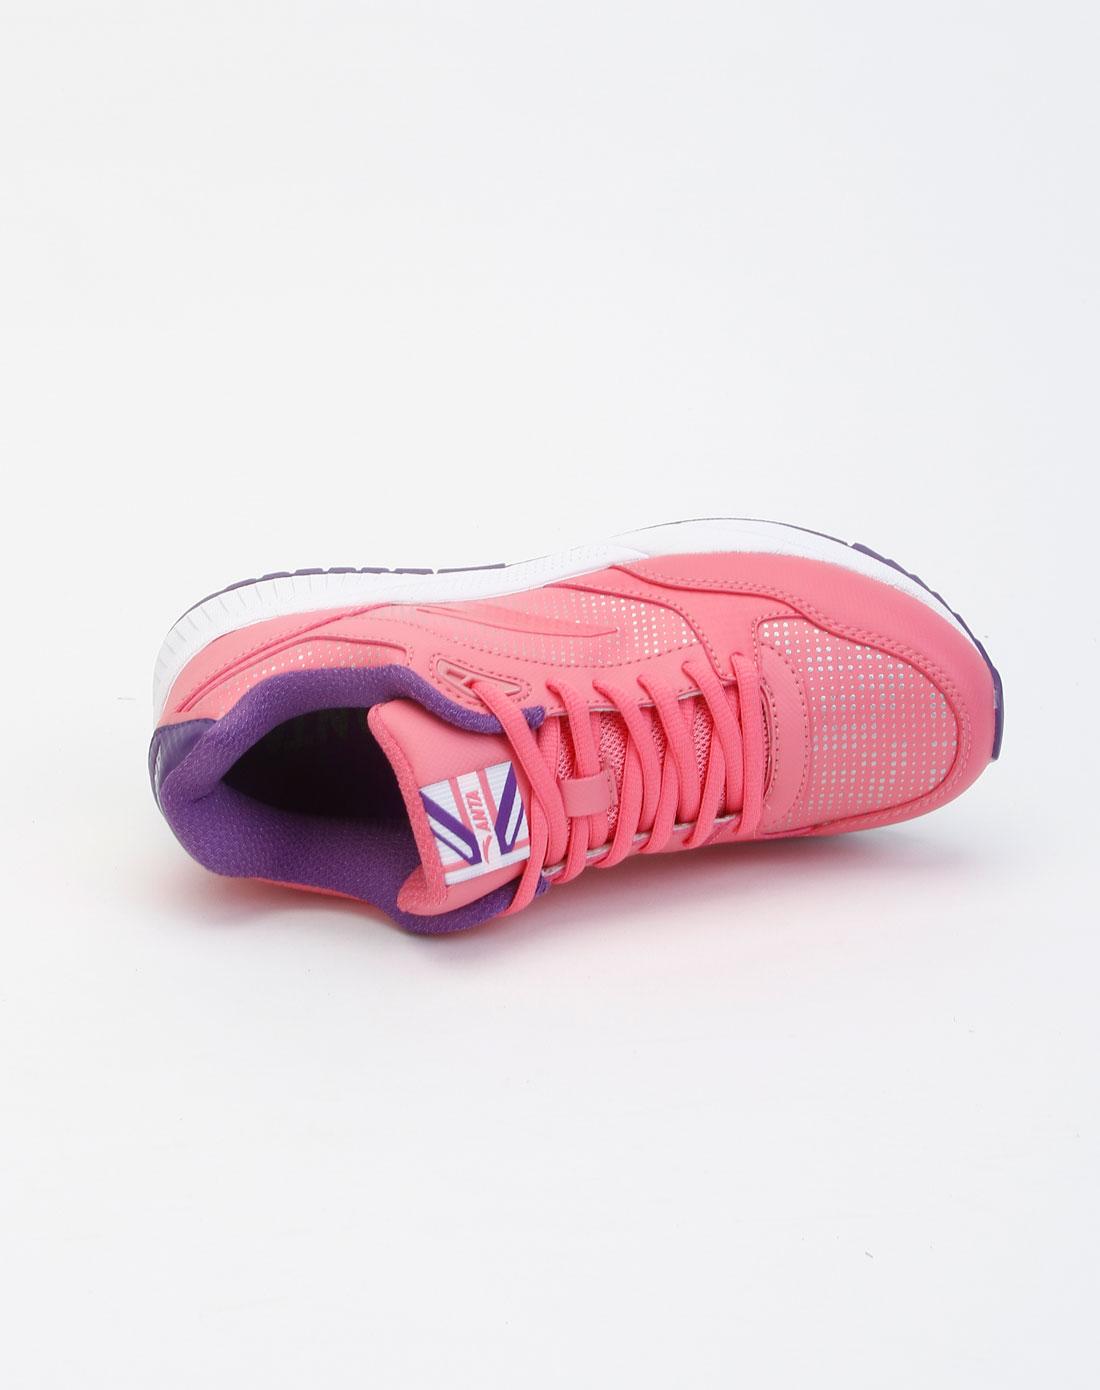 安踏anta男女鞋女款玫红色点纹系带休闲鞋12148808-2